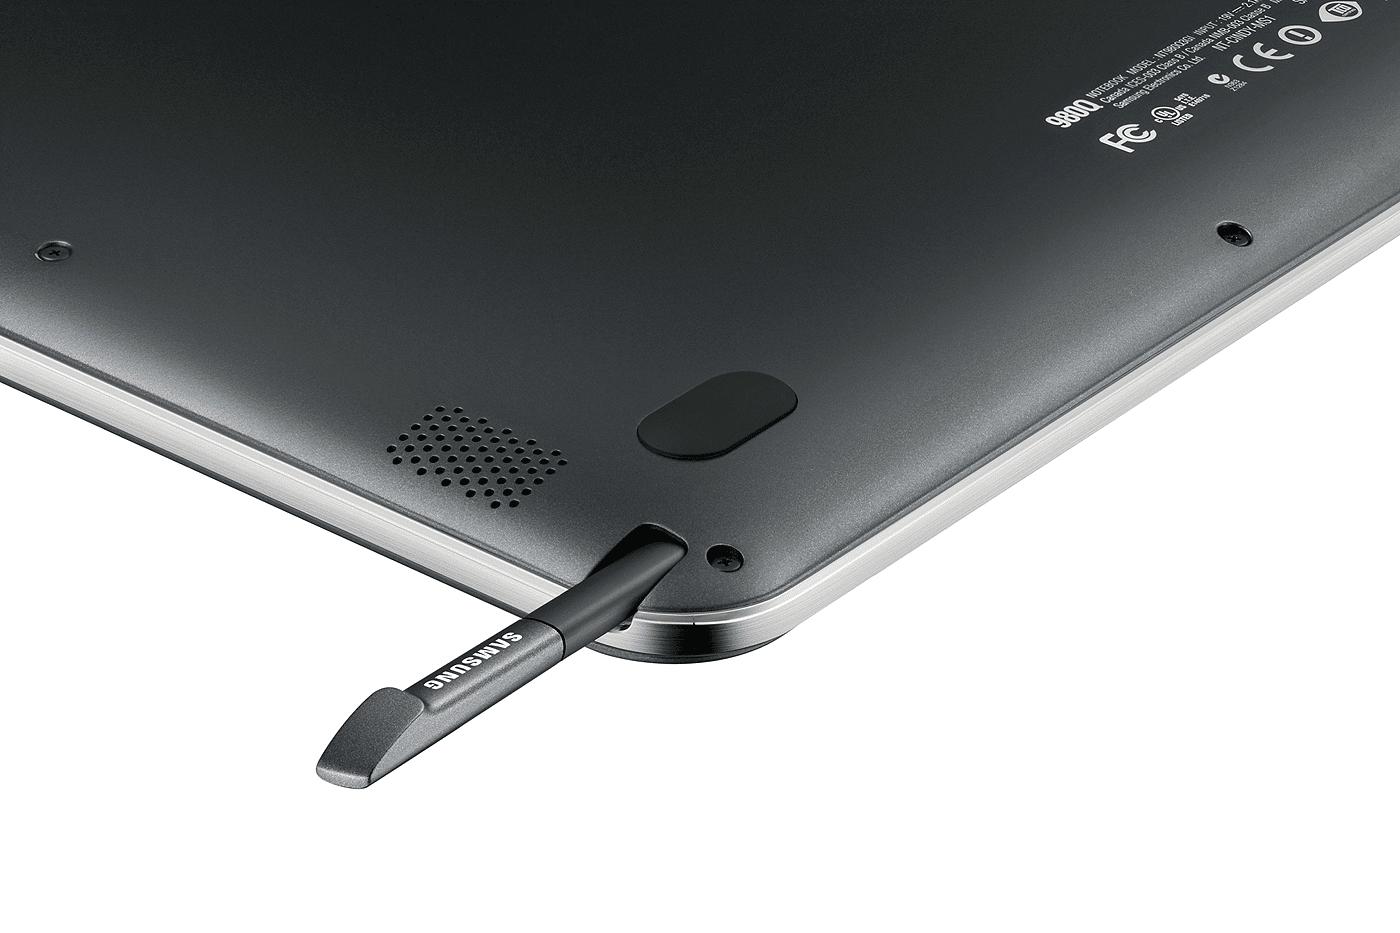 Samsung présente ses nouveautés portables ATIV Book 9 Plus/Lite et ATIV Q (3200x1800, Win 8/Android, Haswell)